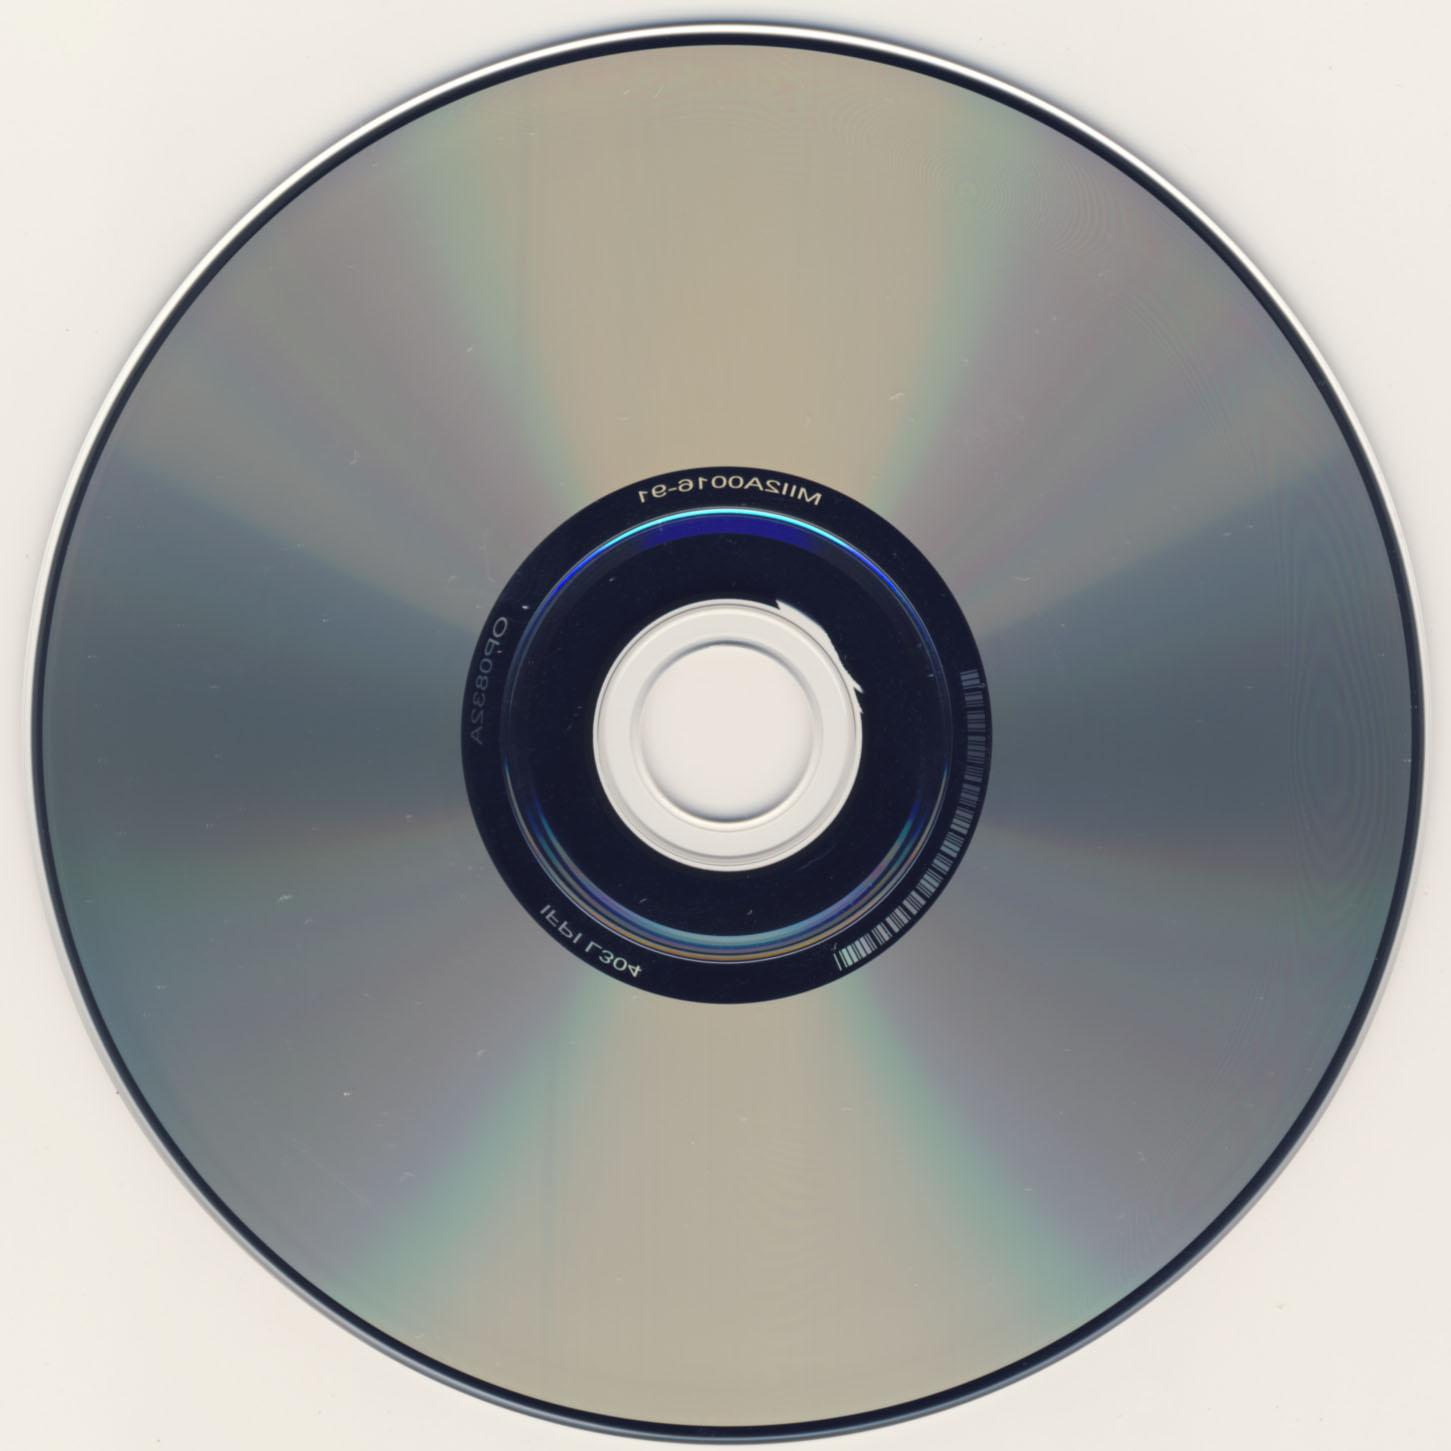 Valhalla-disk Vembvej 17